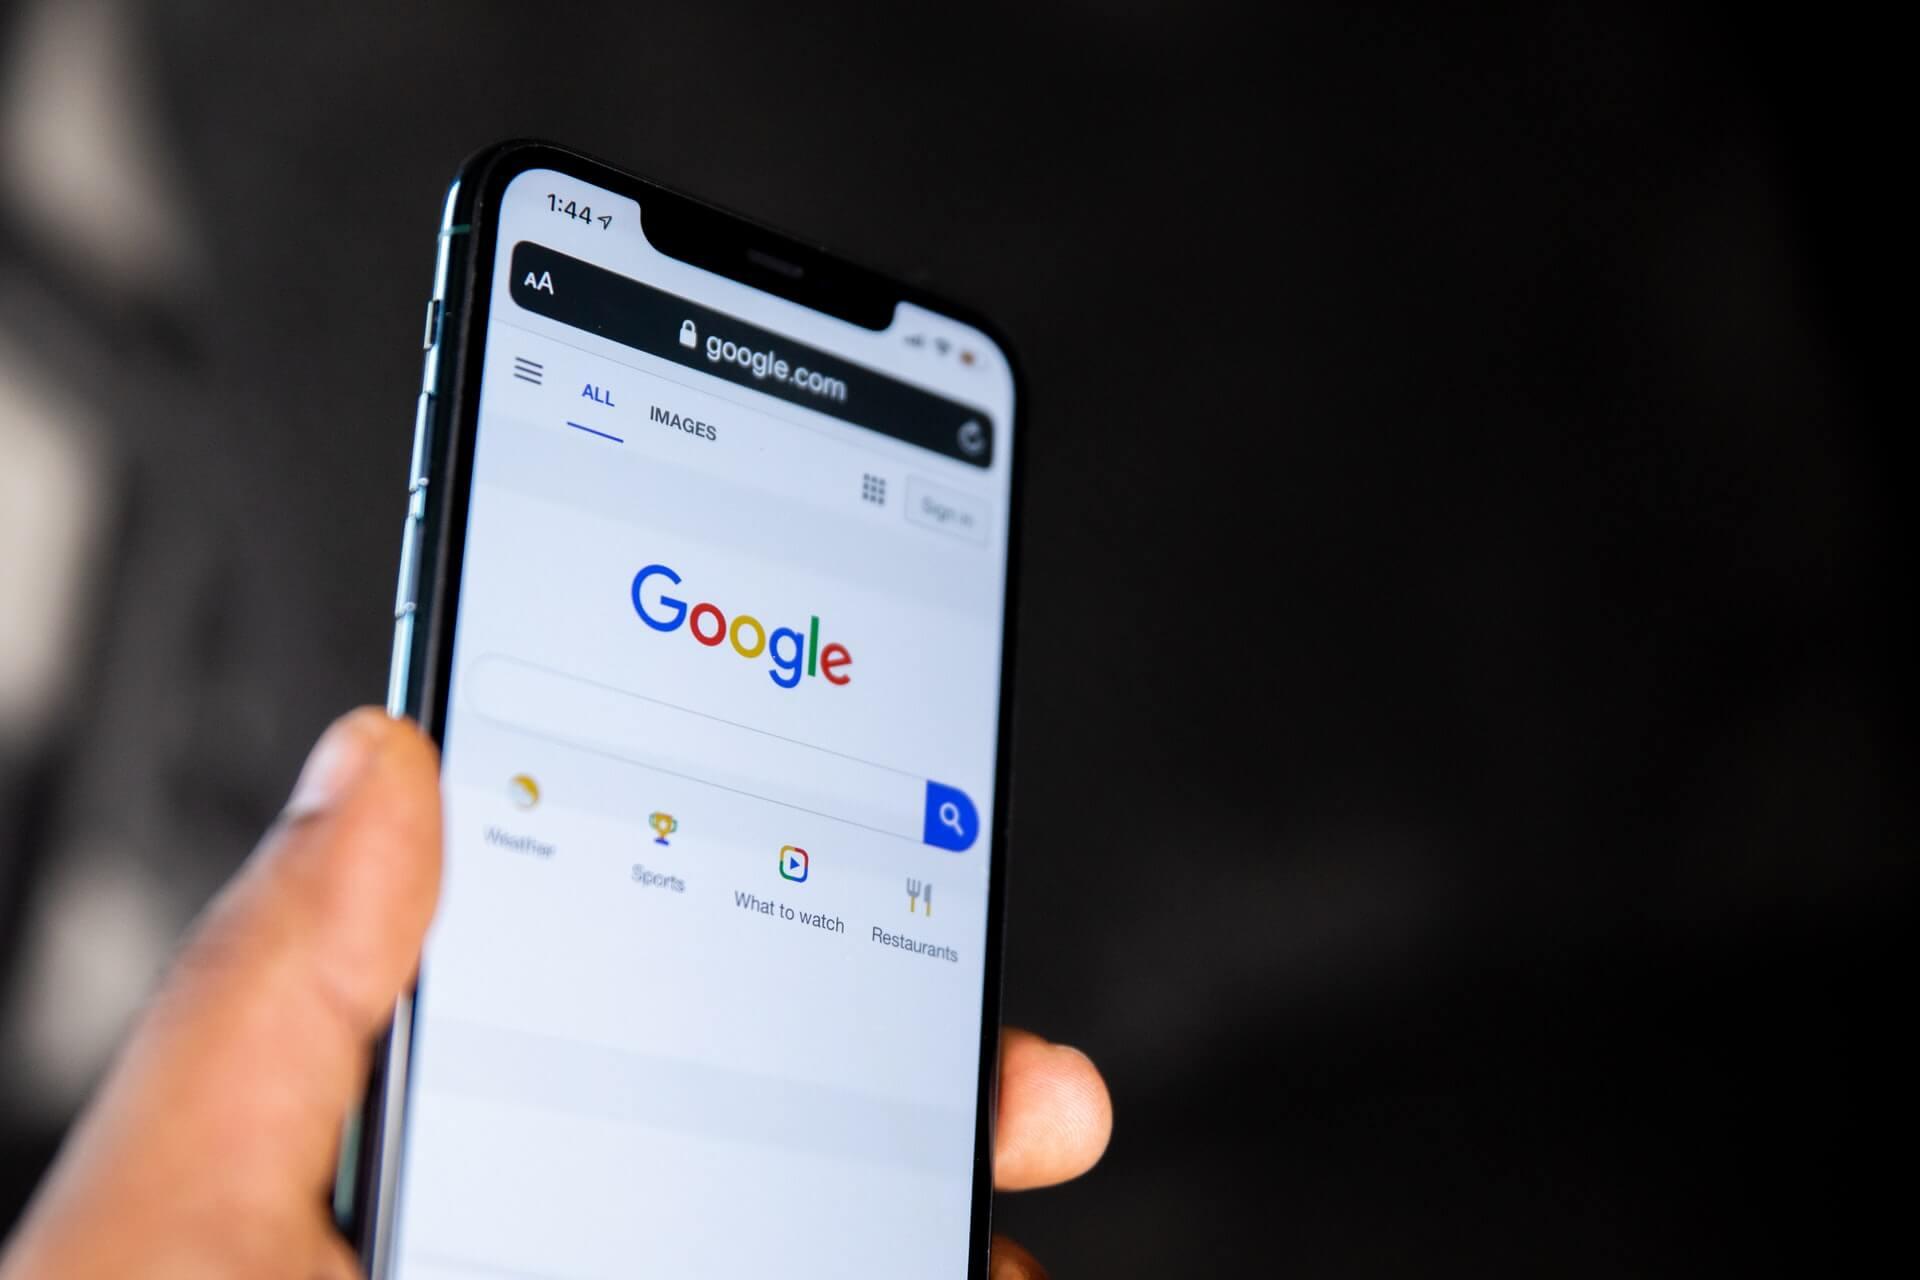 продвижение сайта в Google в 2021